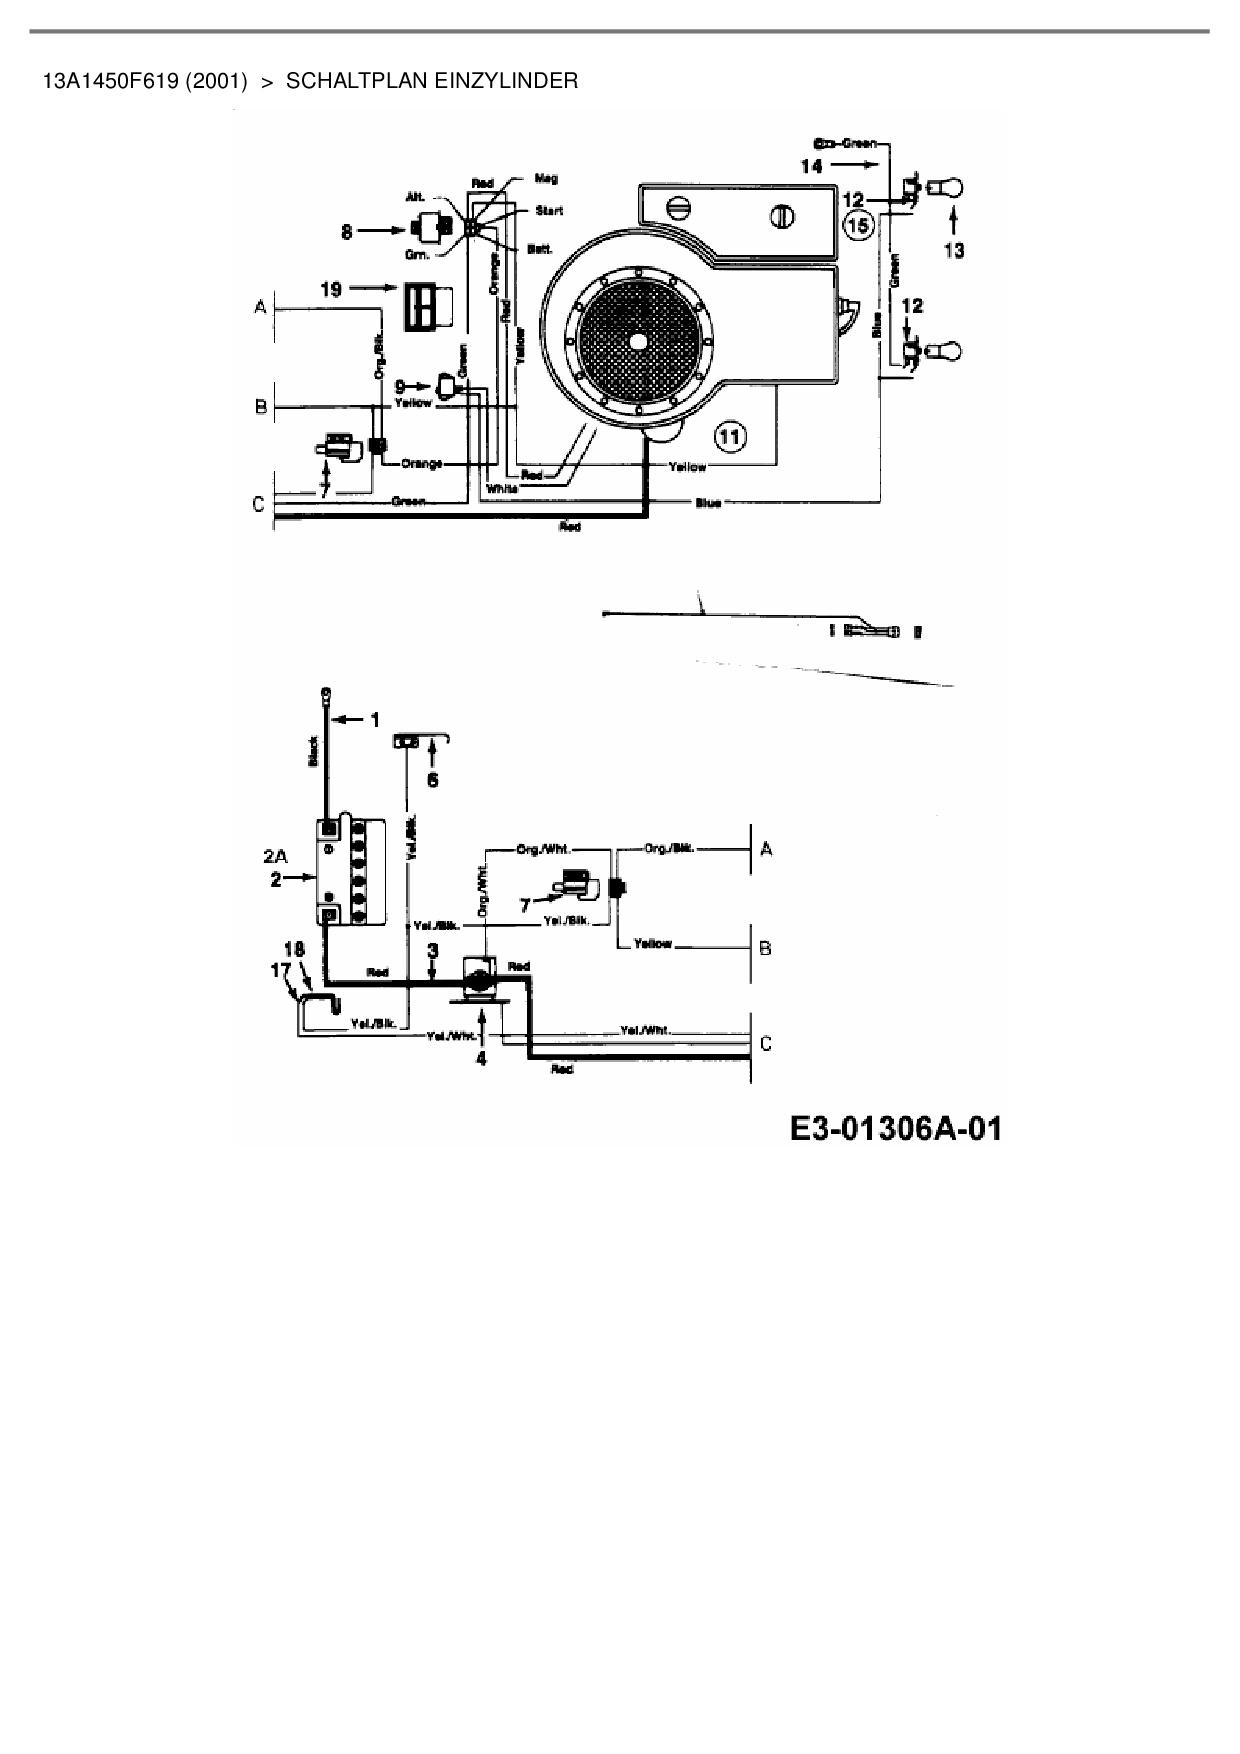 Ersatzteile von Budget Rasentraktor BTR 1101 aus der Zeichnung Schalt